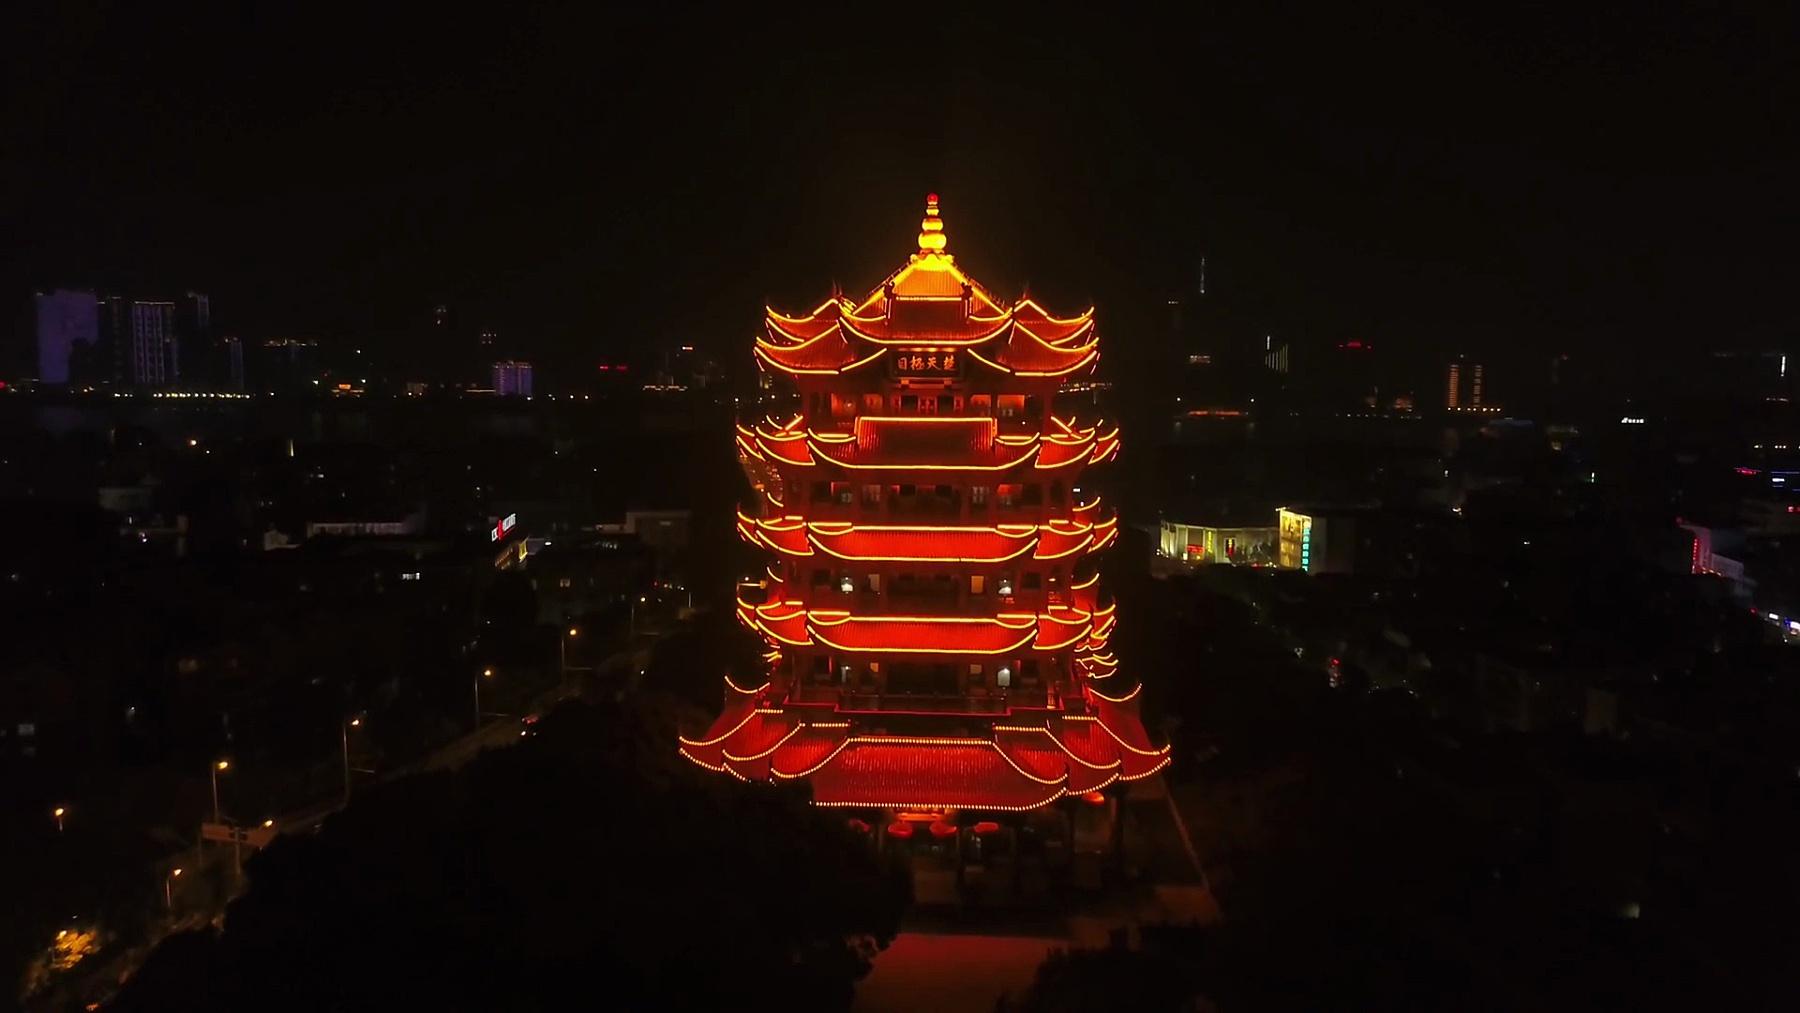 夜间照明武汉市著名黄鹤寺鸟瞰 中国